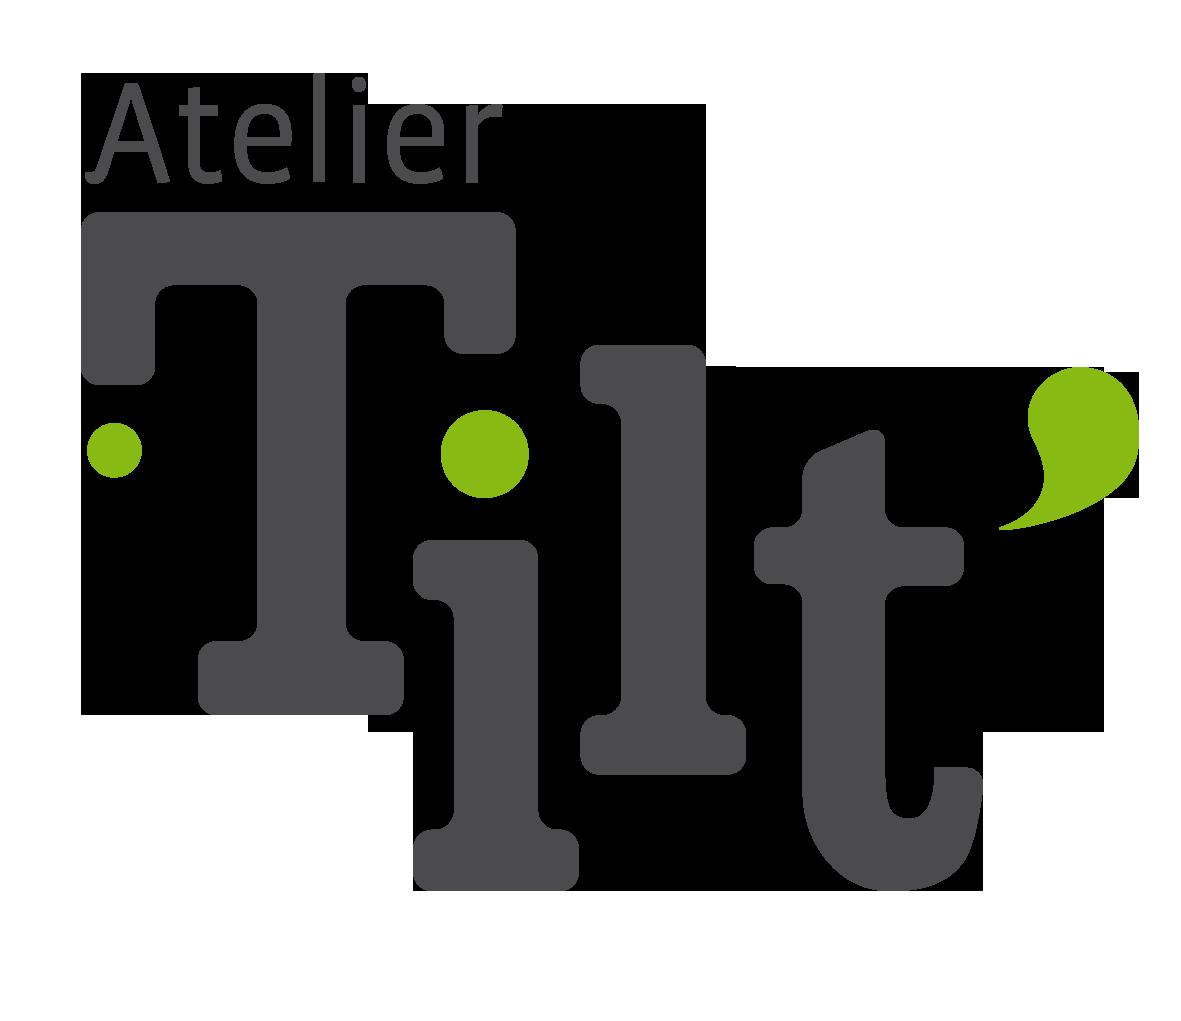 ATELIER TILT